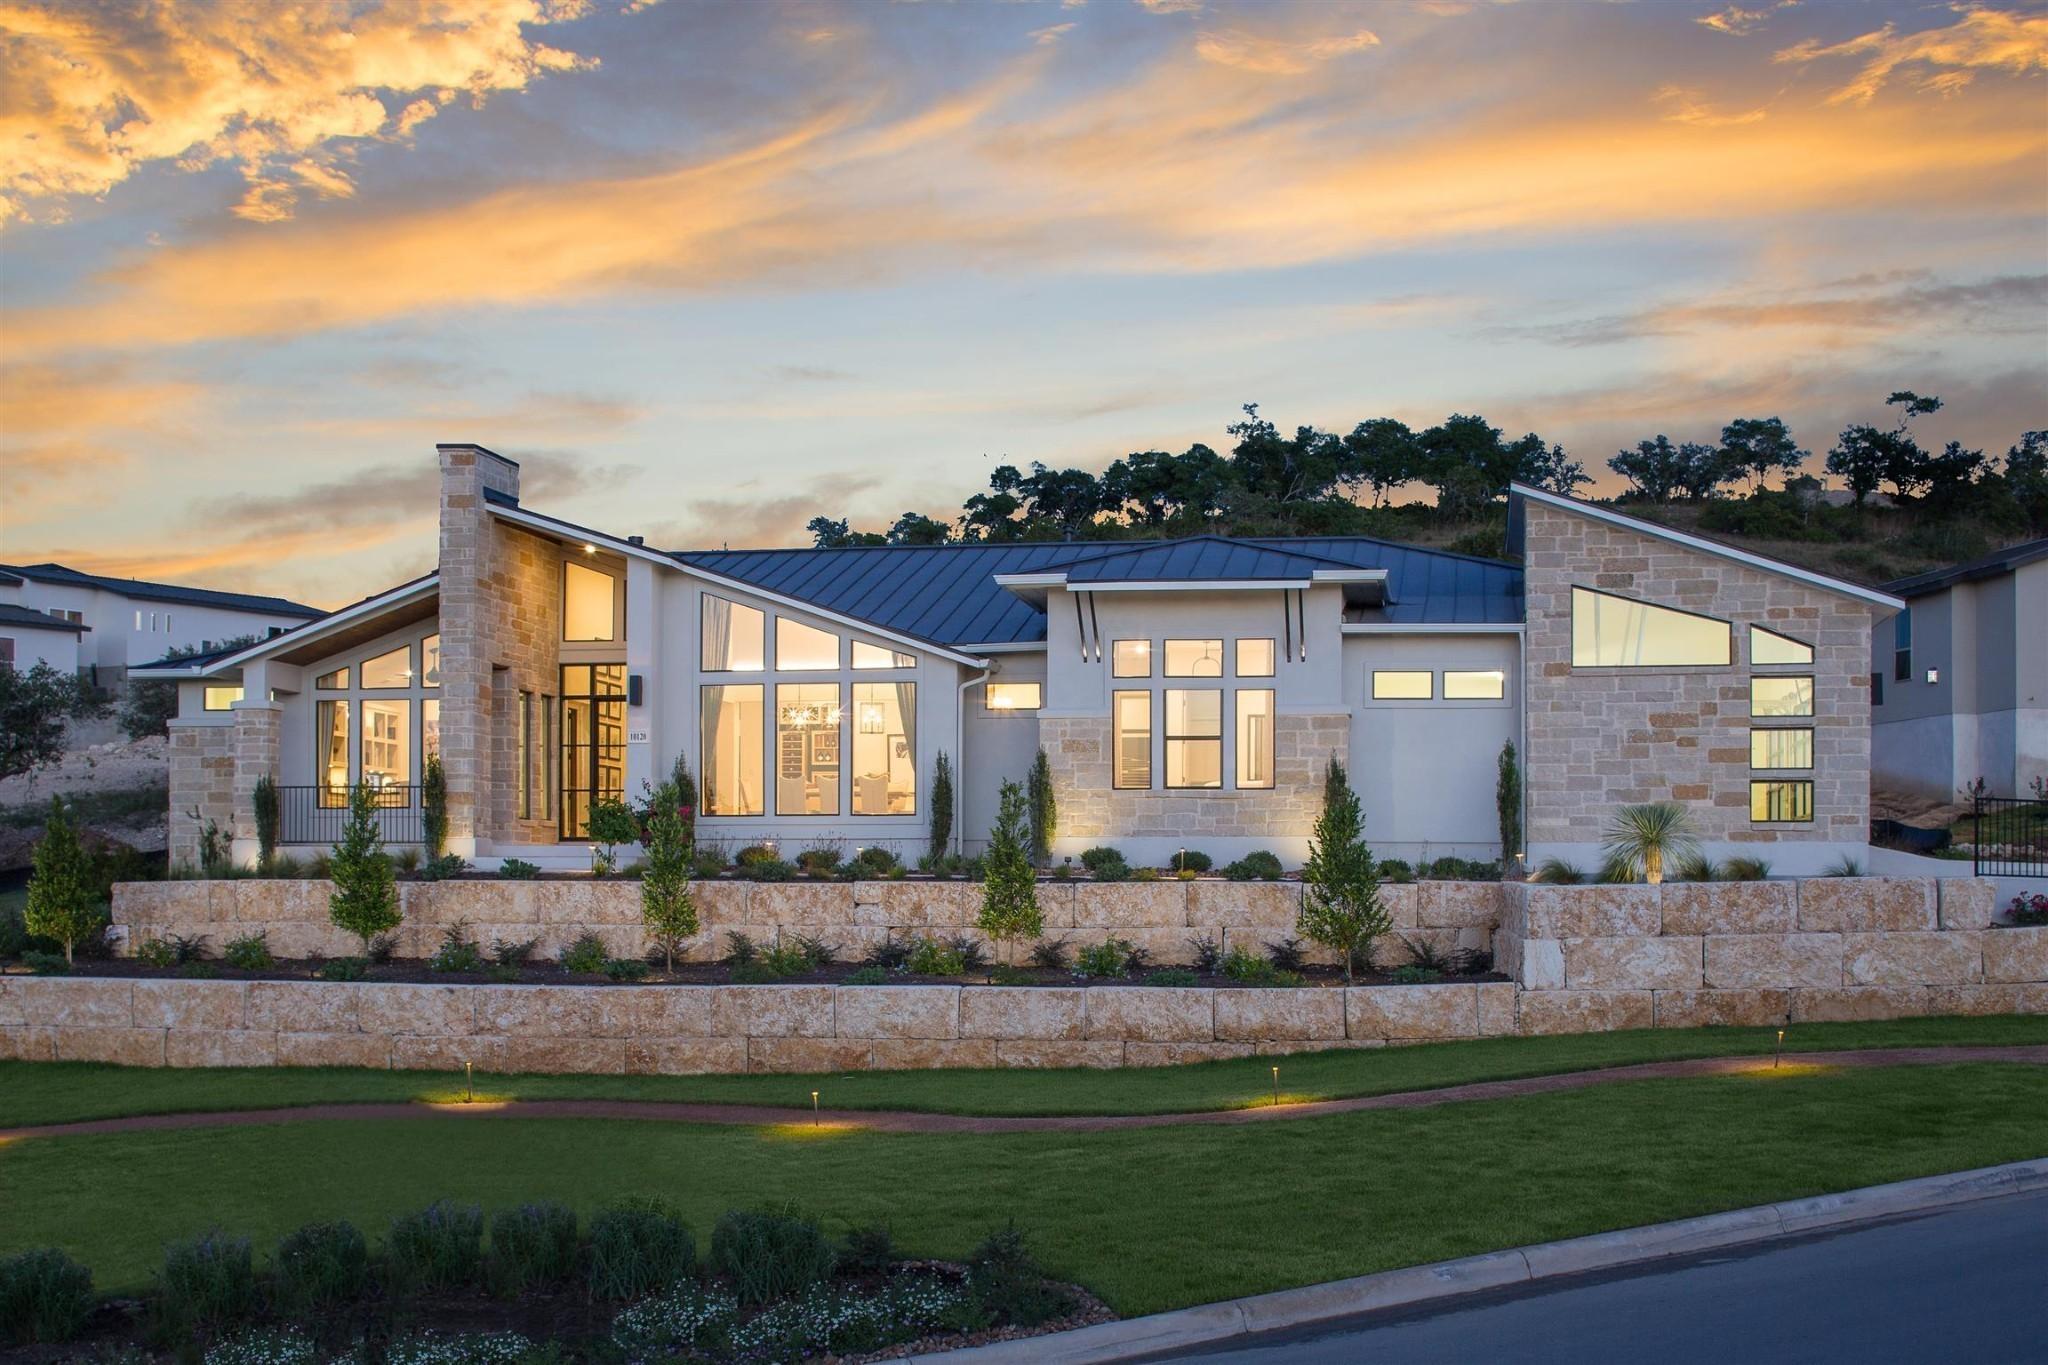 6314 Turkey Foot Ct #129, Franklin, TN 37067 - Franklin, TN real estate listing